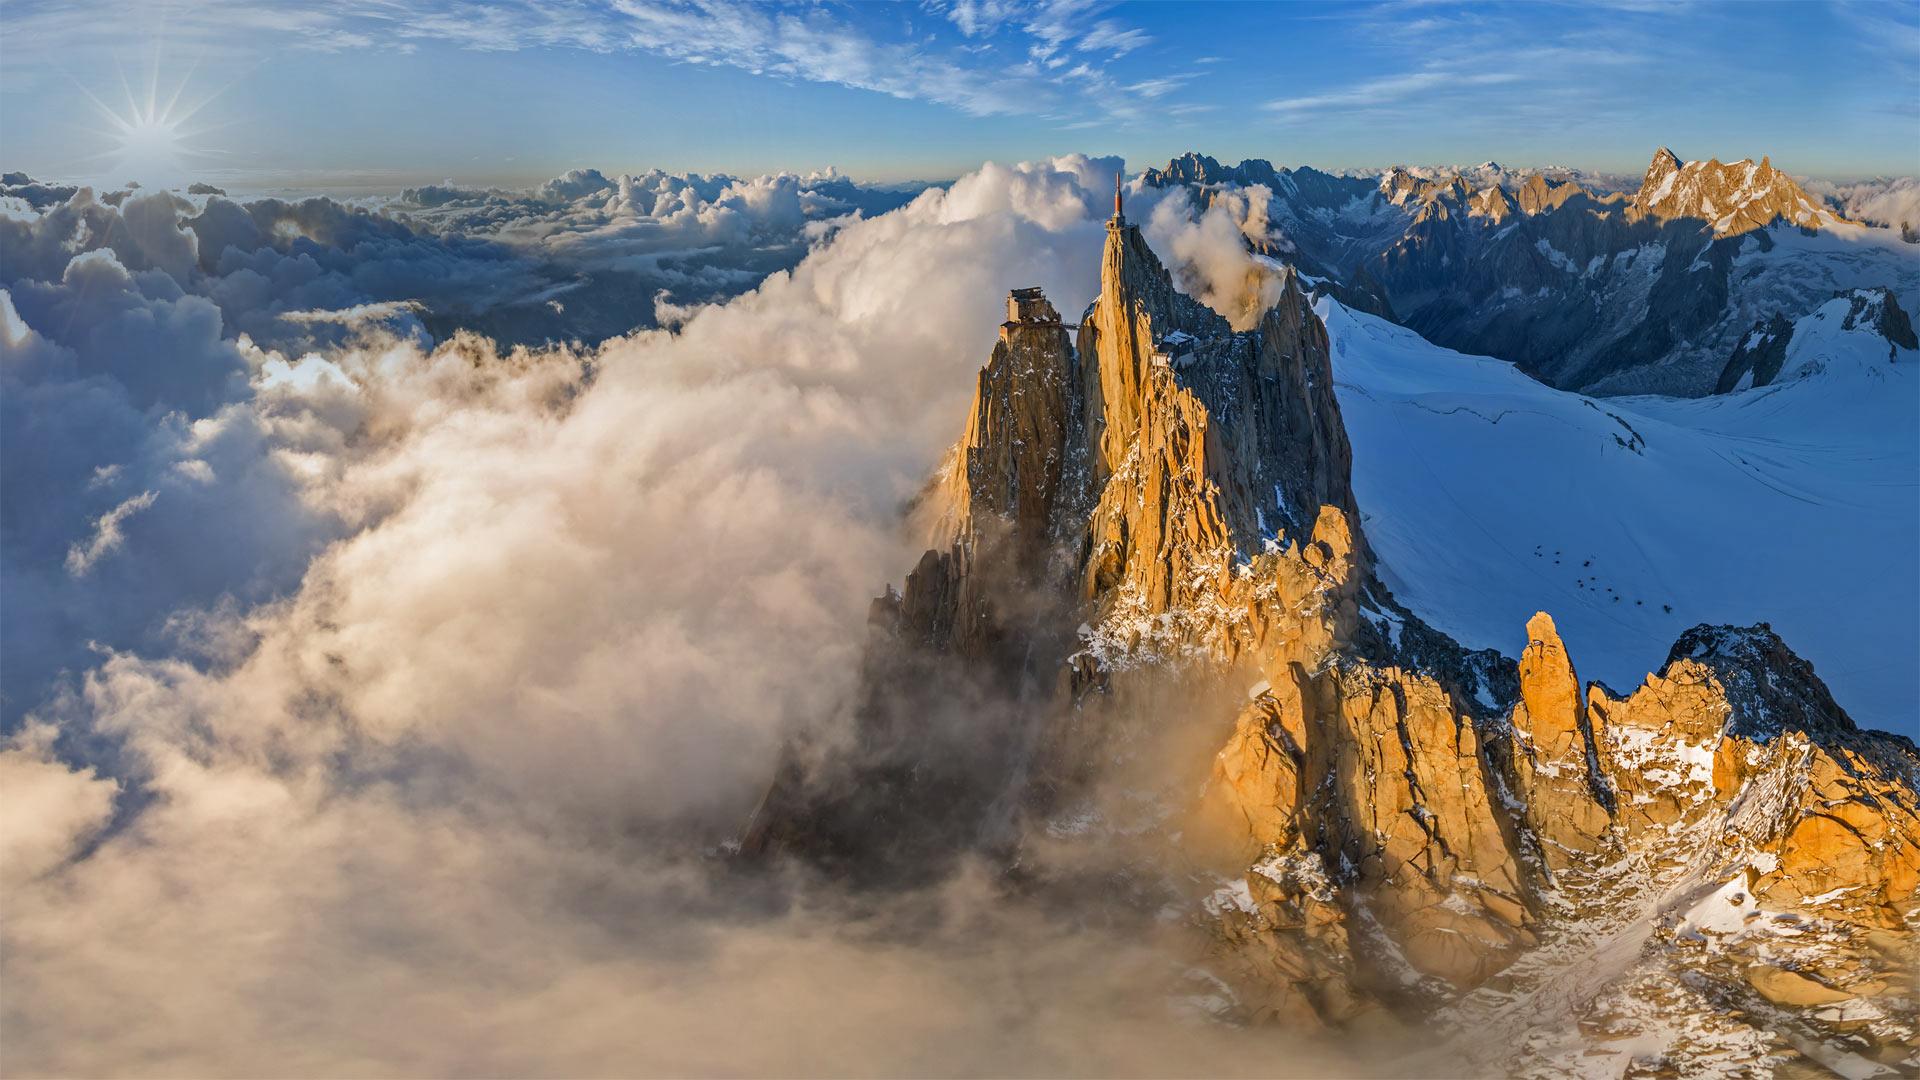 鸟瞰勃朗峰山脉中的南针峰,法国